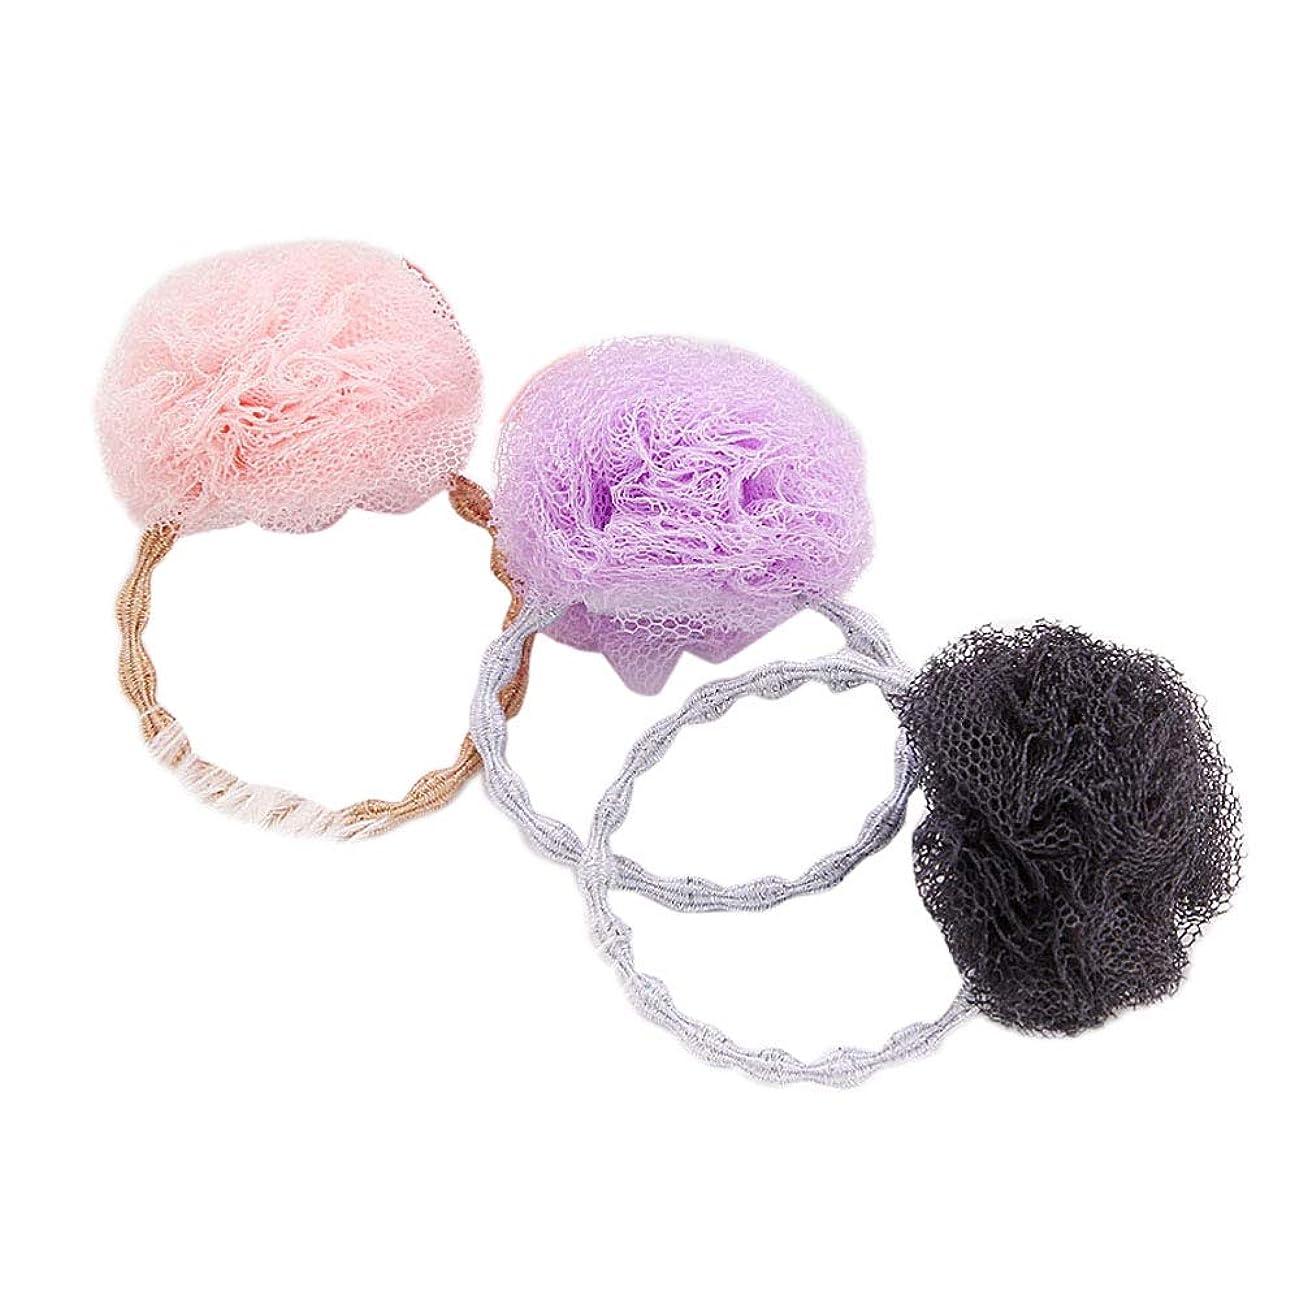 凍る縞模様の包括的Beaupretty 3本弾性ネクタイストレッチポニーテールホルダー糸ボールヘアリングロープ用女の子ヘアアクセサリー(ピンク+ブラック+パープル)